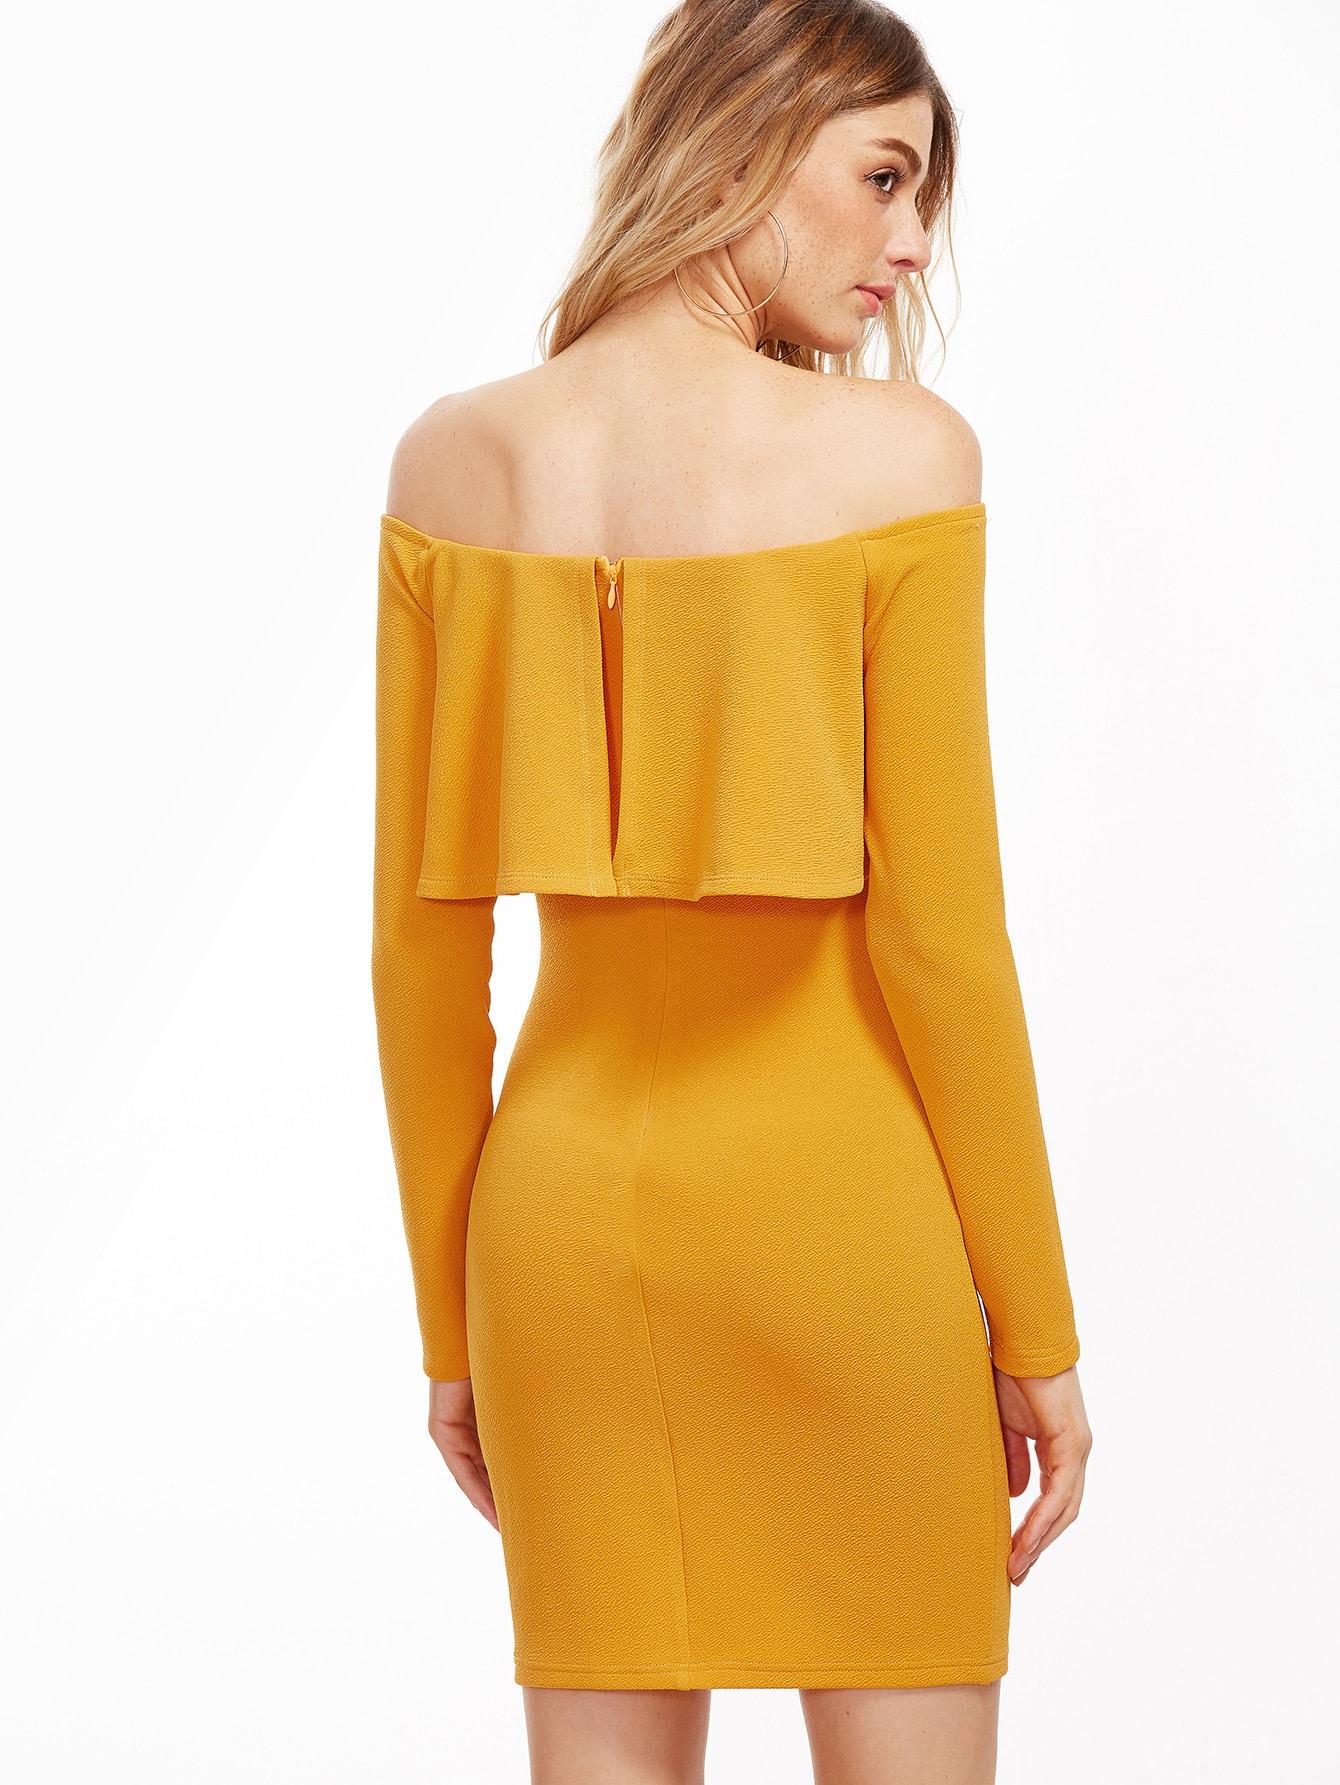 dress161031716_2